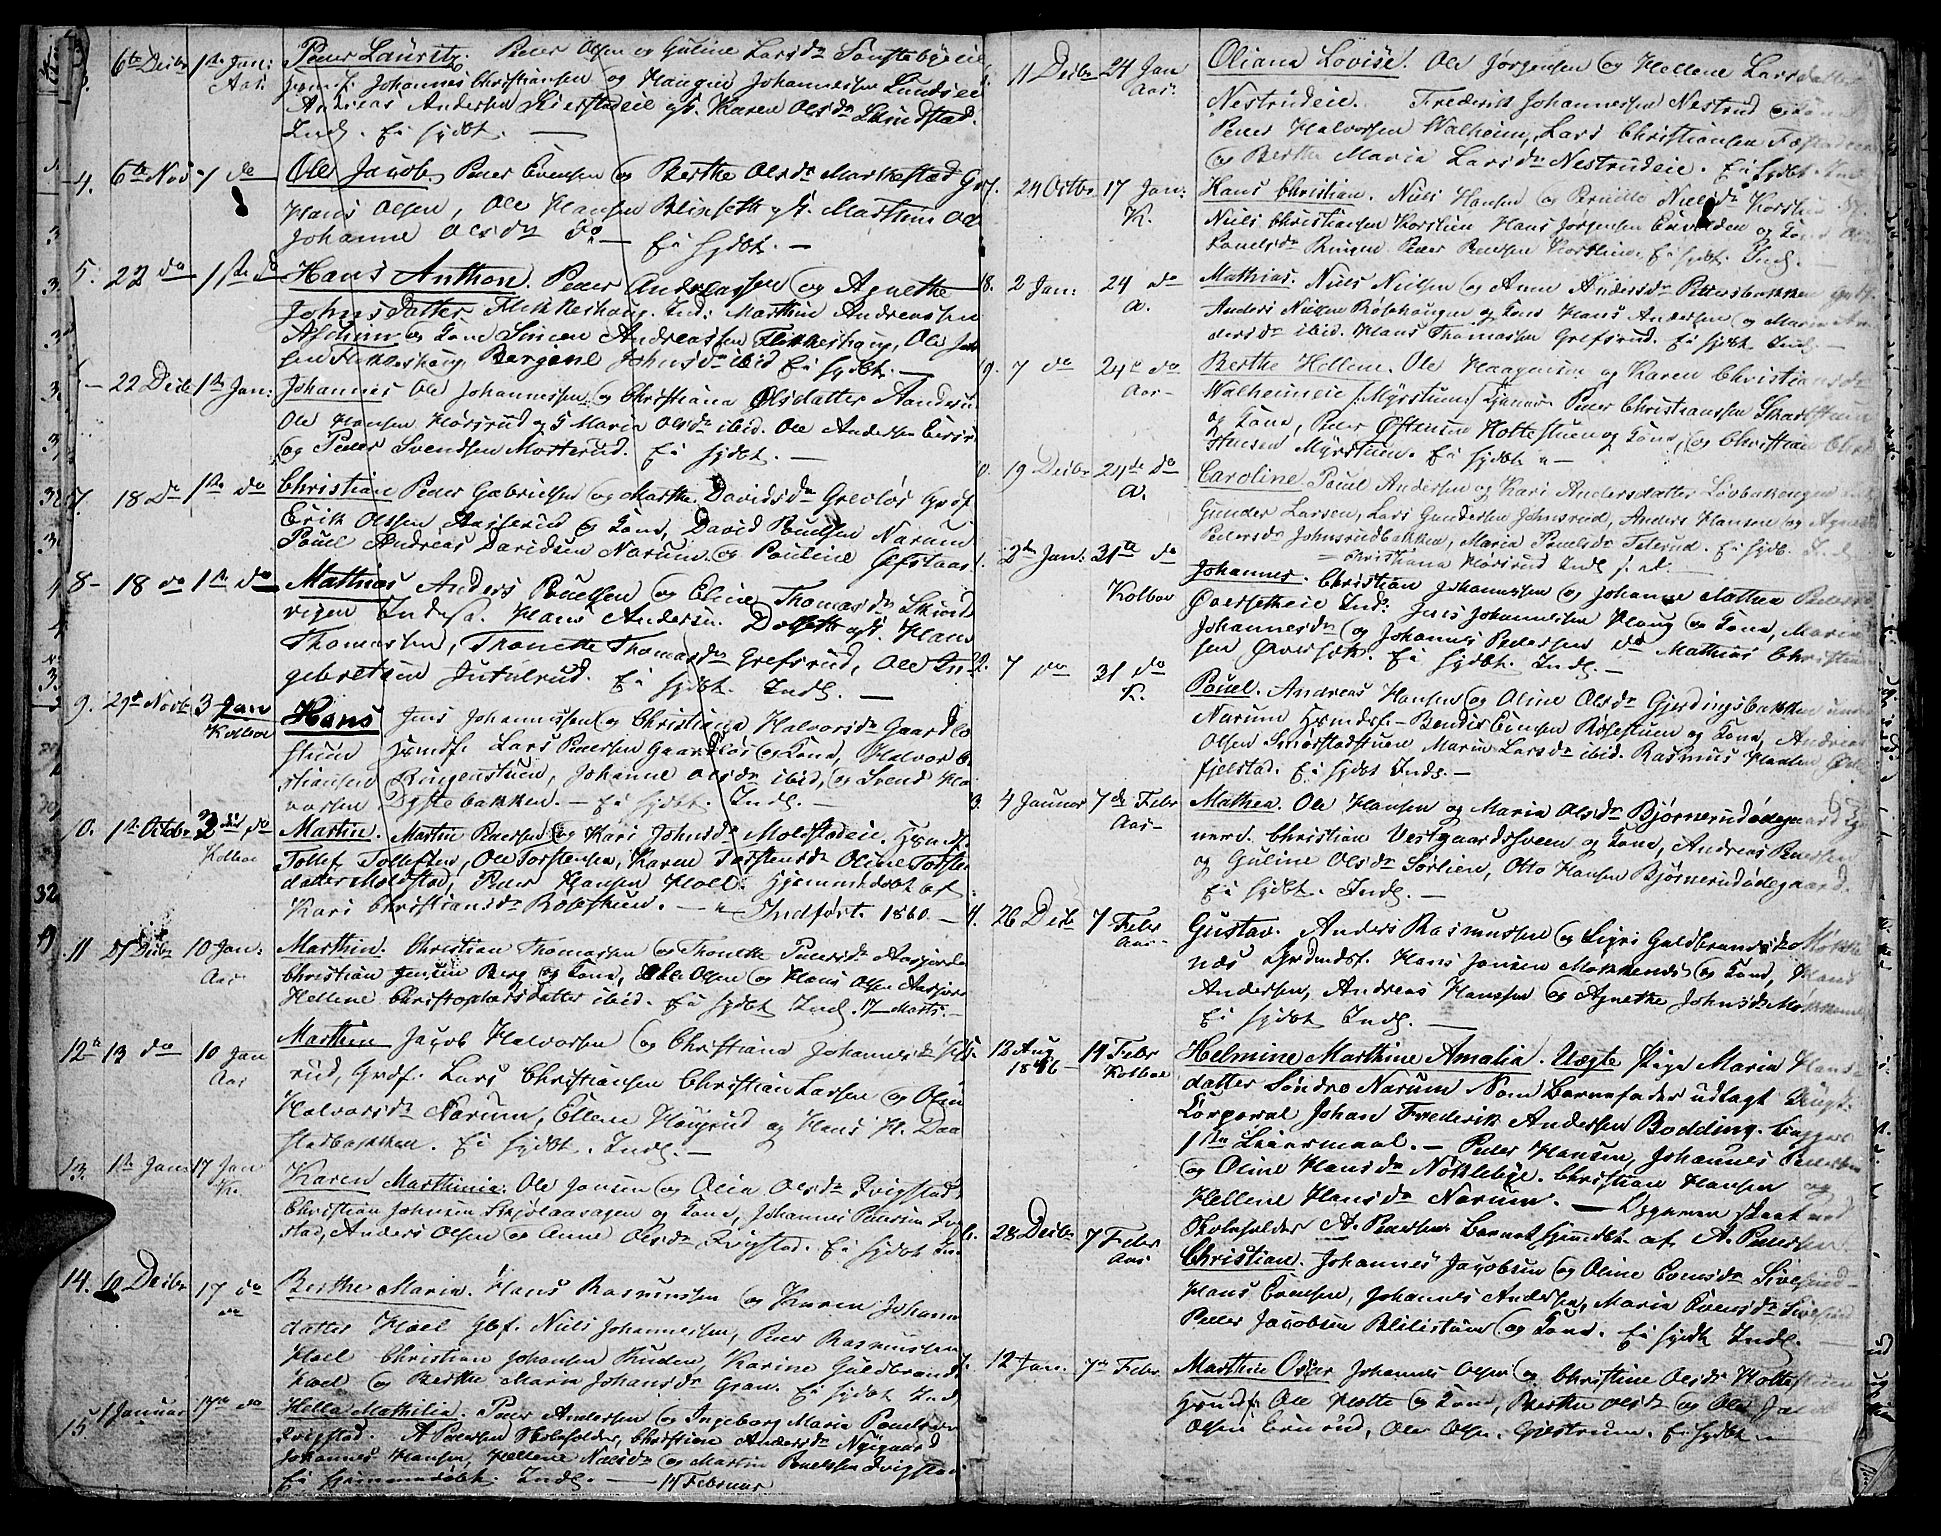 SAH, Vestre Toten prestekontor, Klokkerbok nr. 3, 1846-1854, s. 11